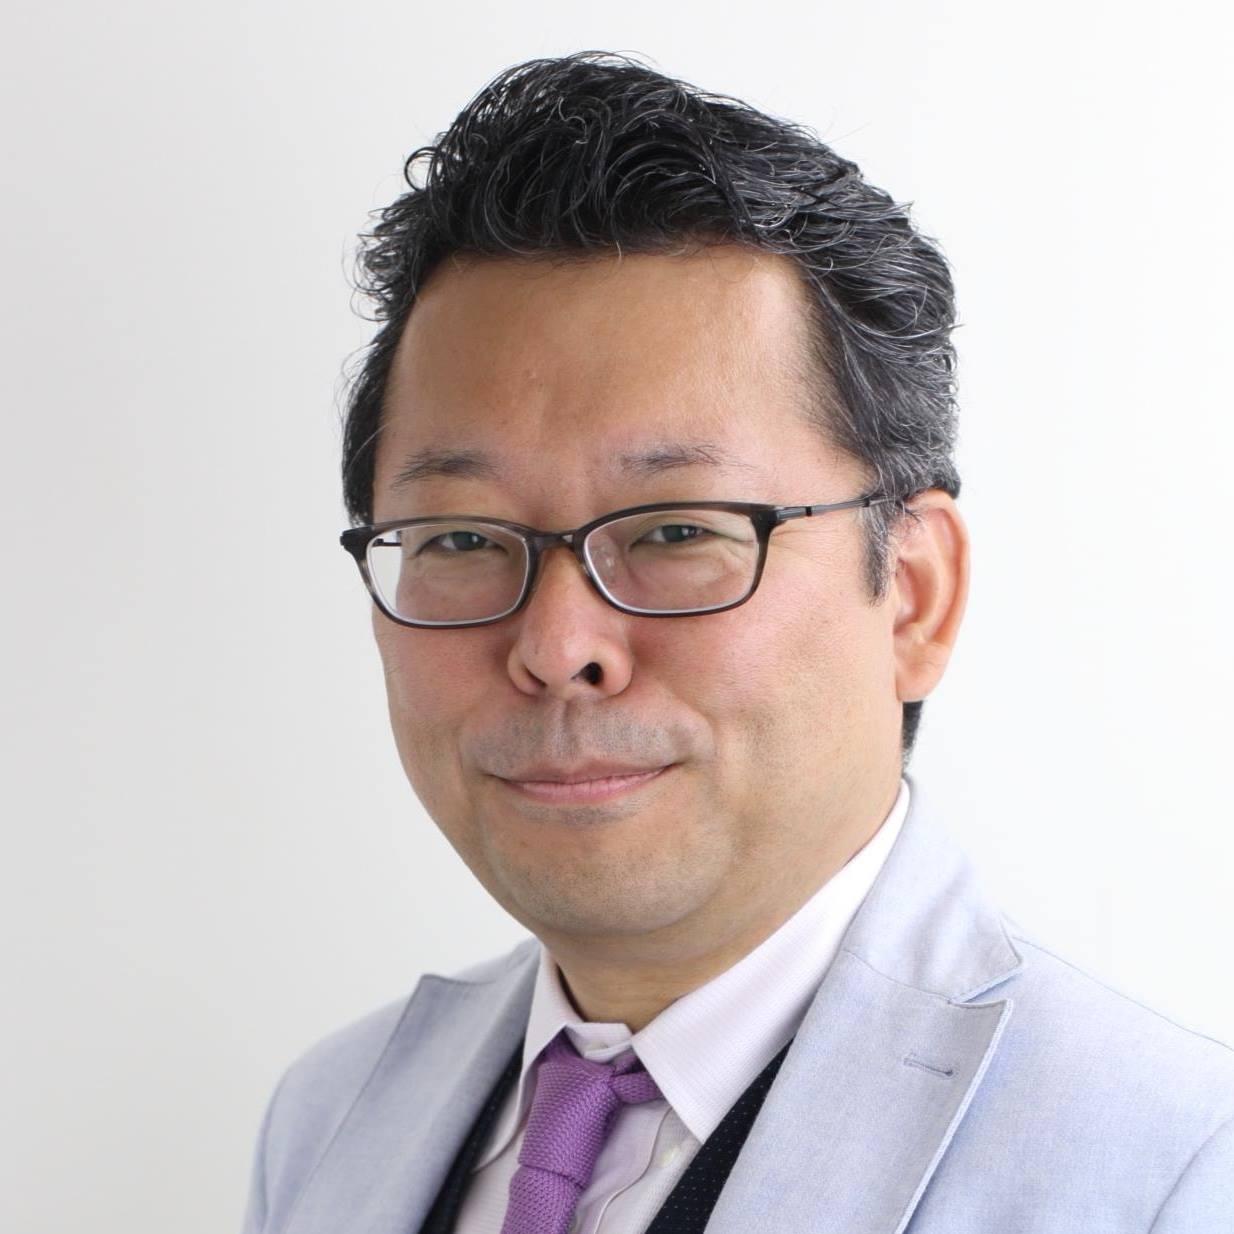 精神科医・樺沢紫苑さん